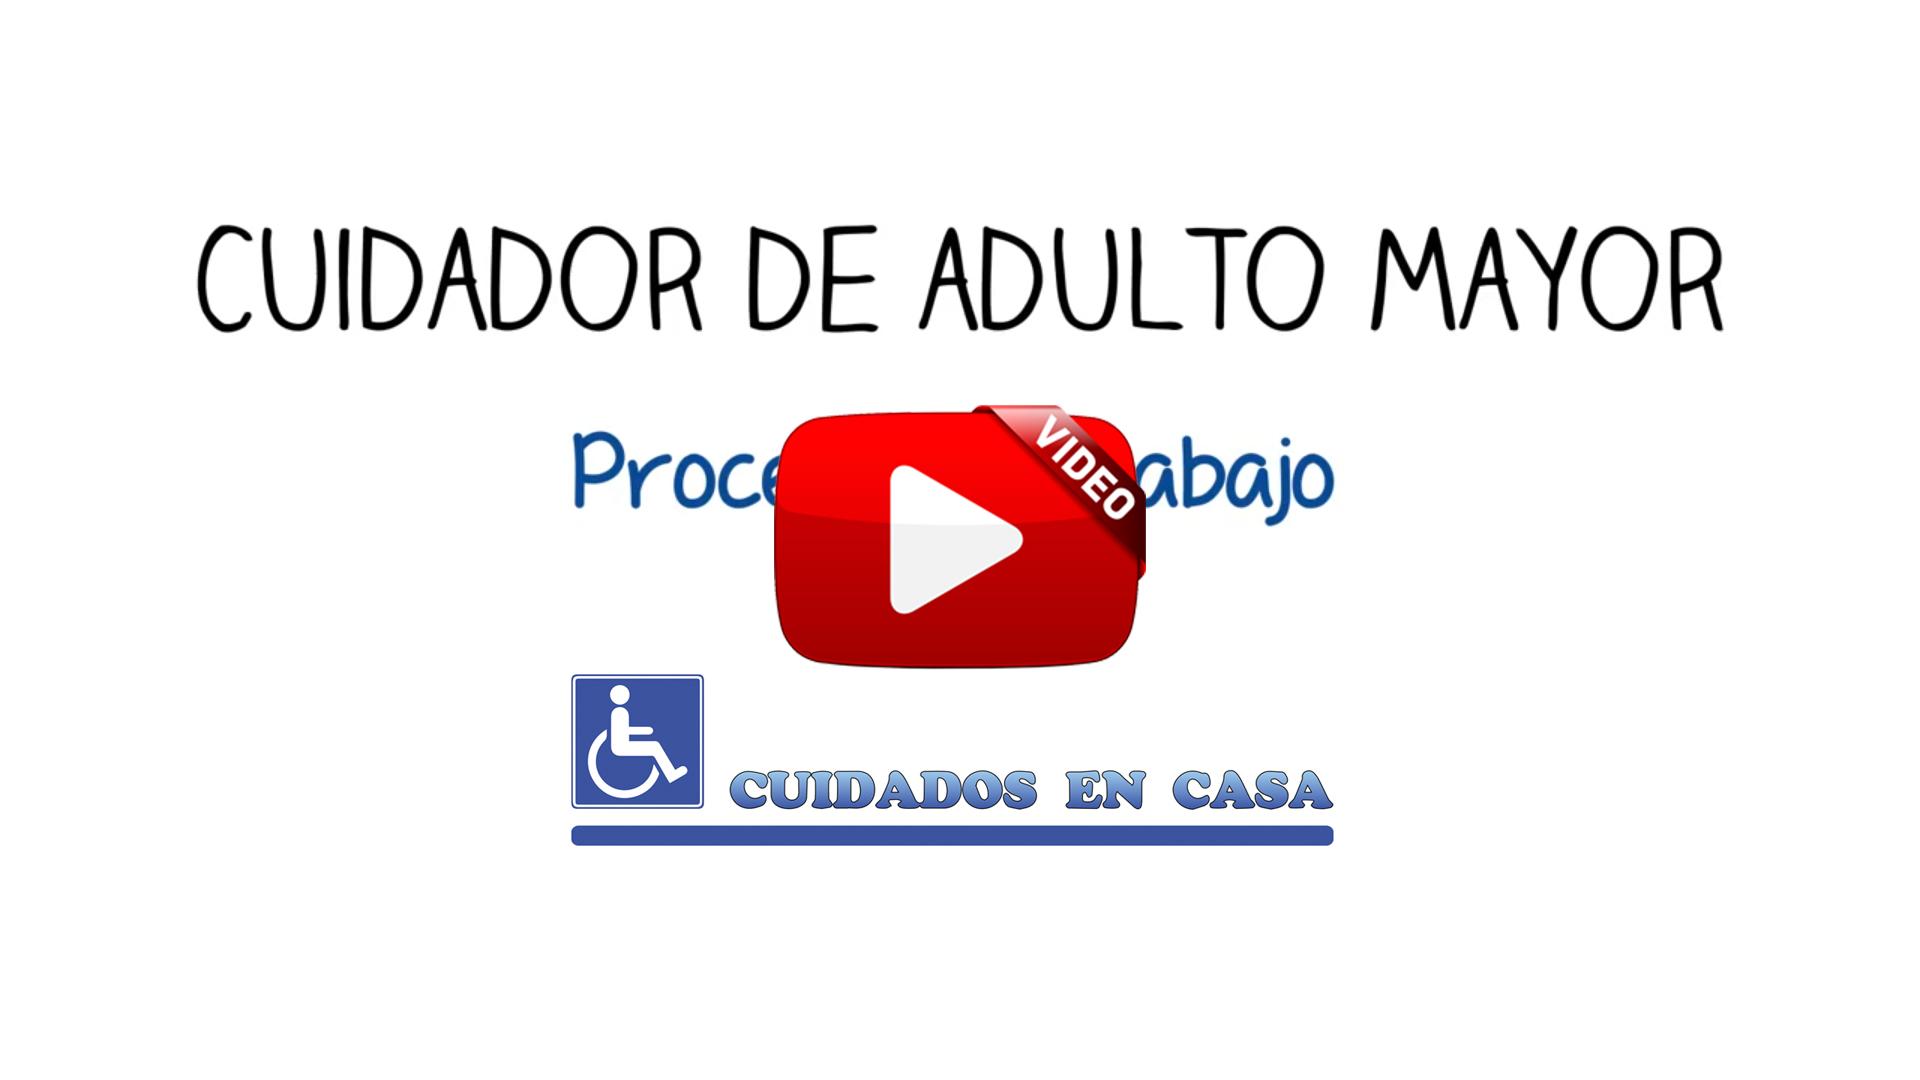 Cuidador de Adulto Mayor - Proceso de Trabajo - Cuidados a Domicilio en Casa Hogar o Vivienda del Paciente